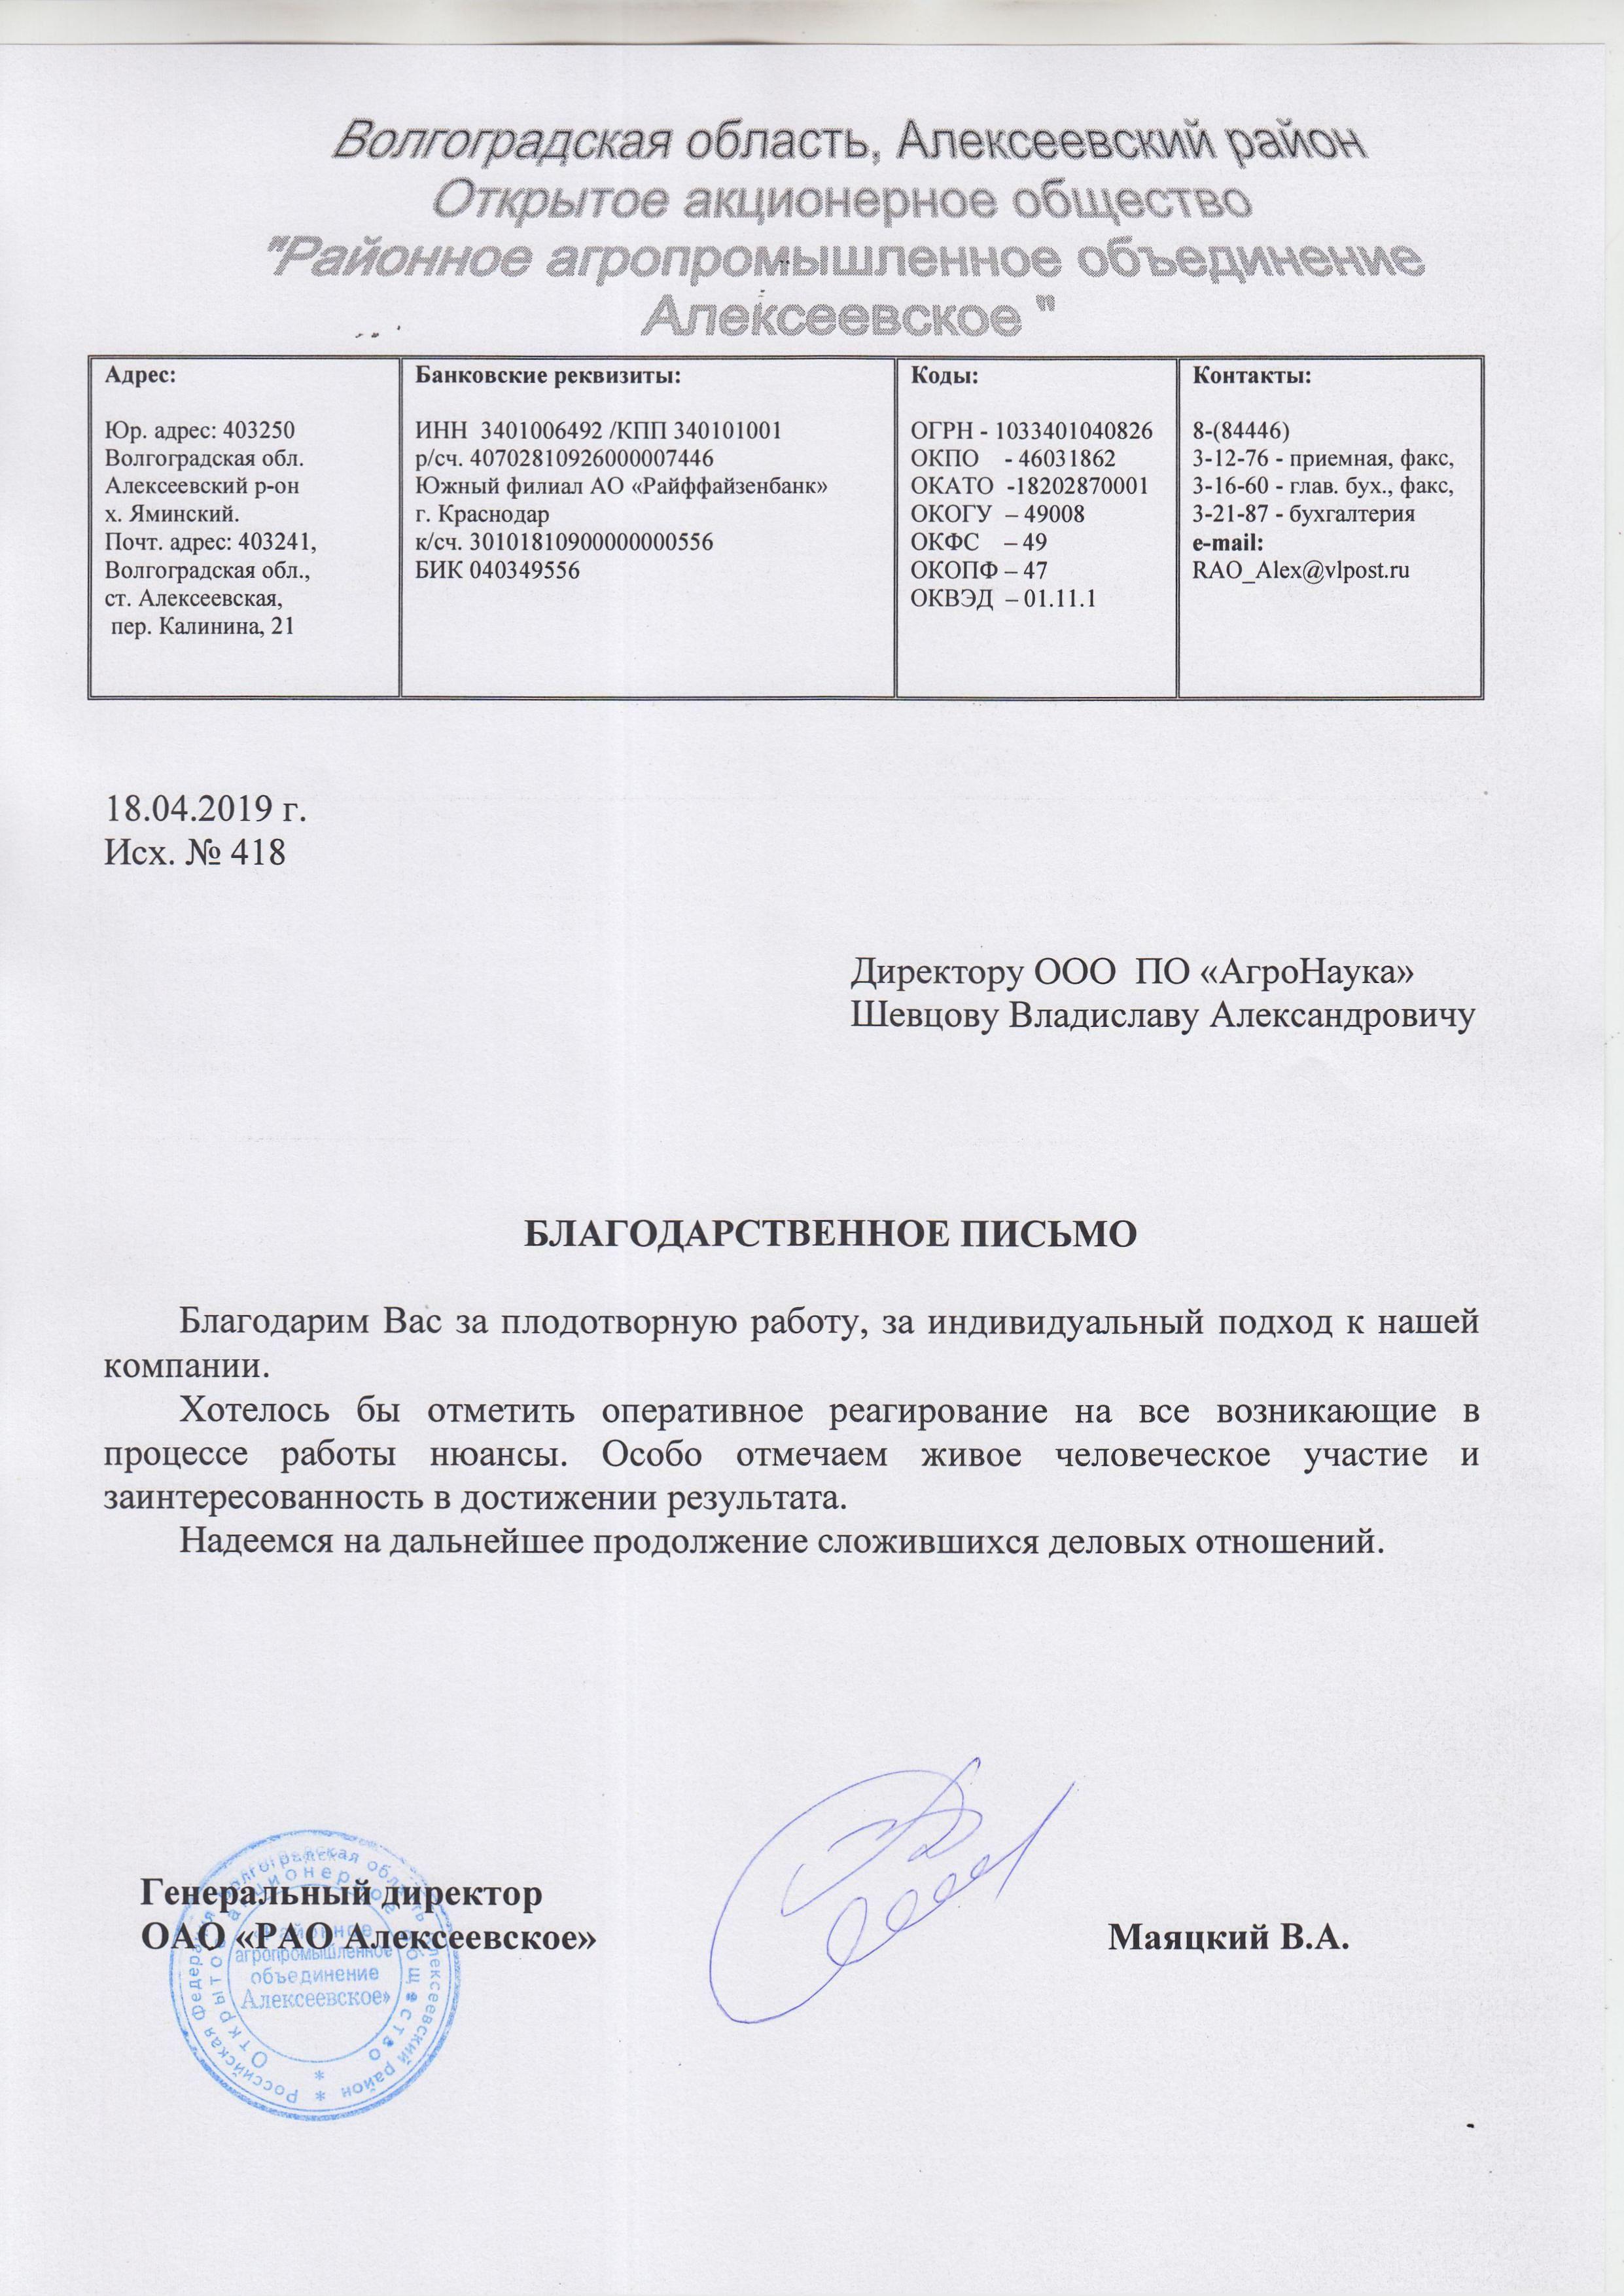 ОАО «РАО Алексеевское»